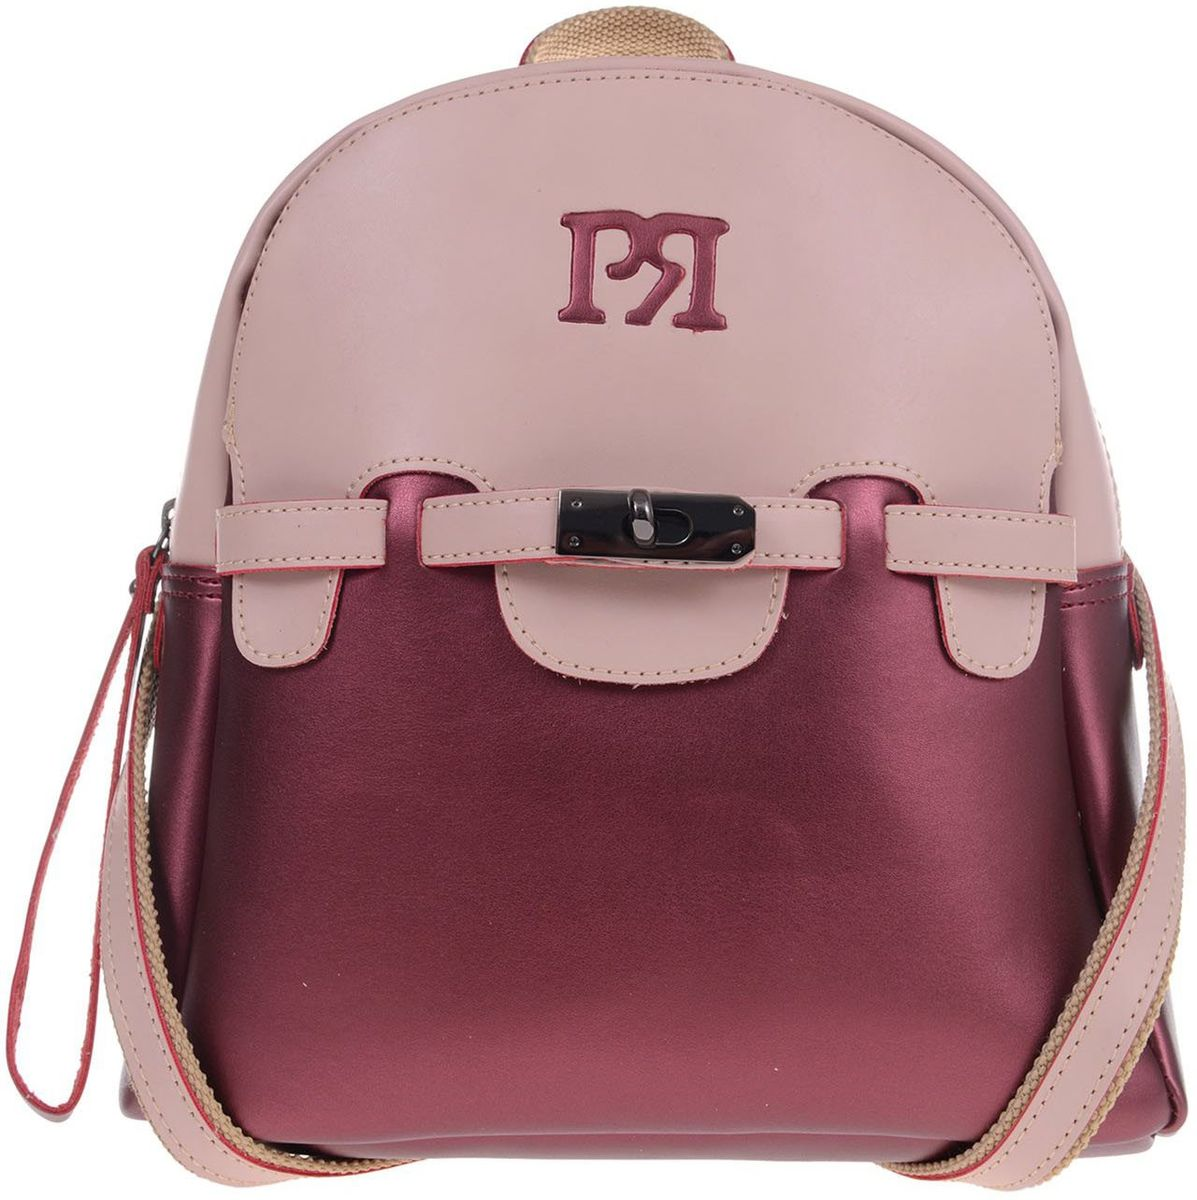 Γυναικείo σακίδιο πλάτης Pierro Accessories 90446EC-15 Μπορντω γυναικείες τσάντες   τσάντες πλάτης